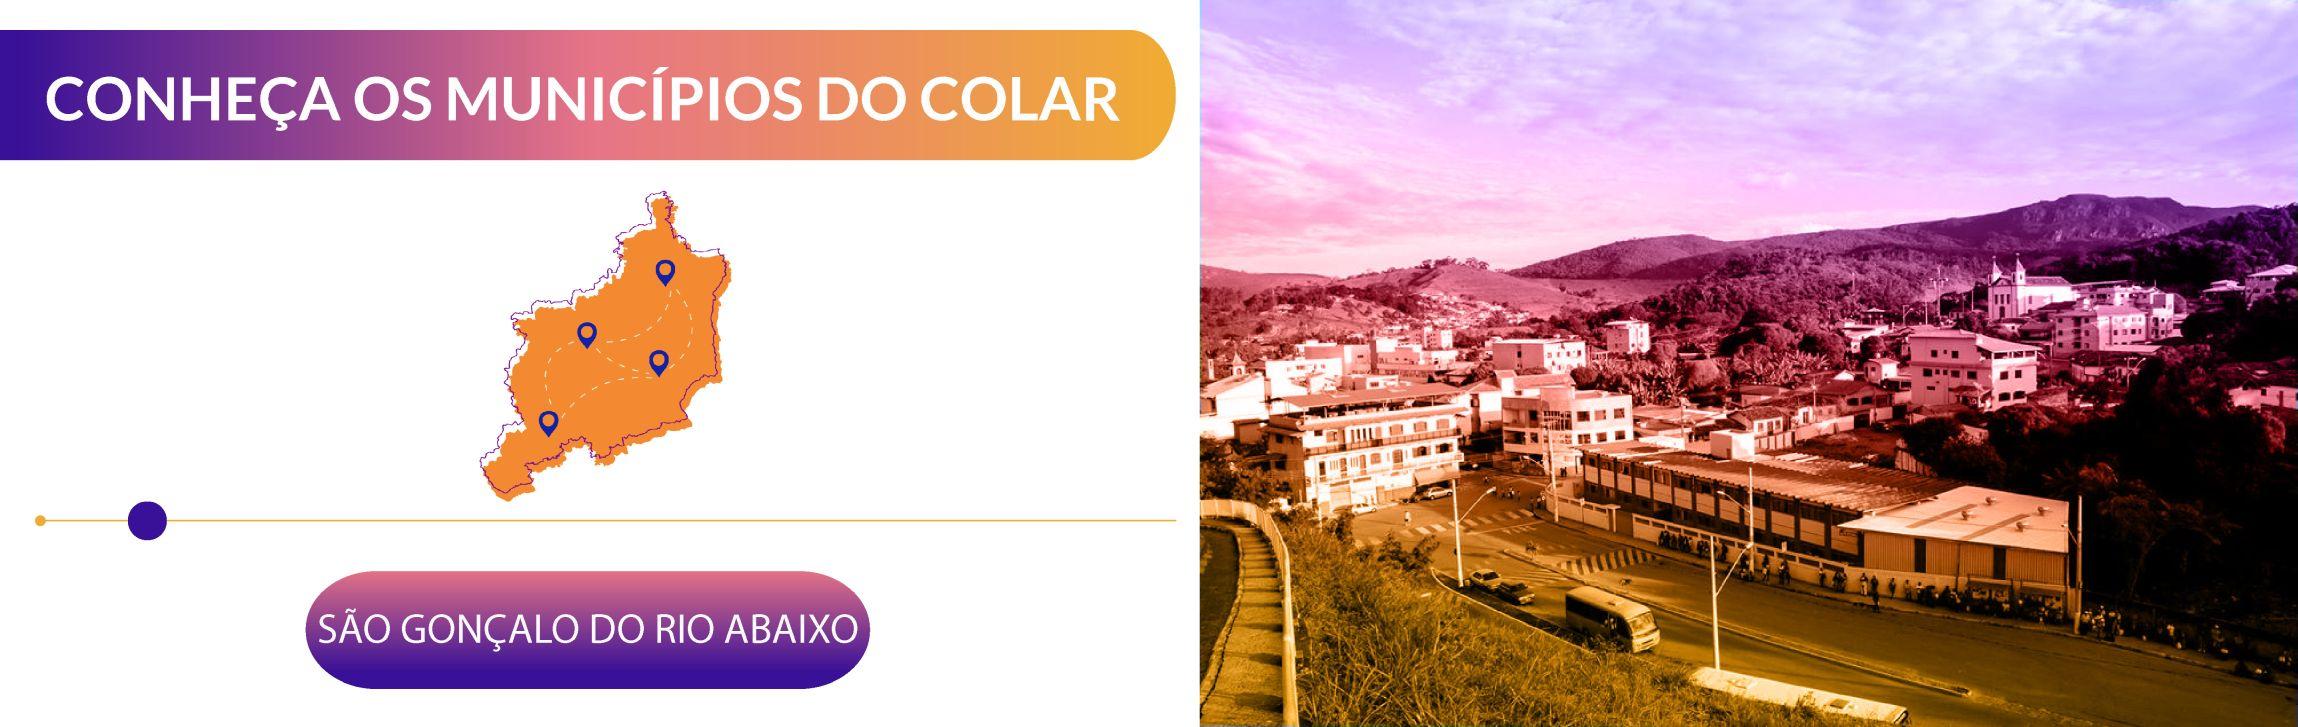 banner-municipio-saogonçalodorioabaixo-01